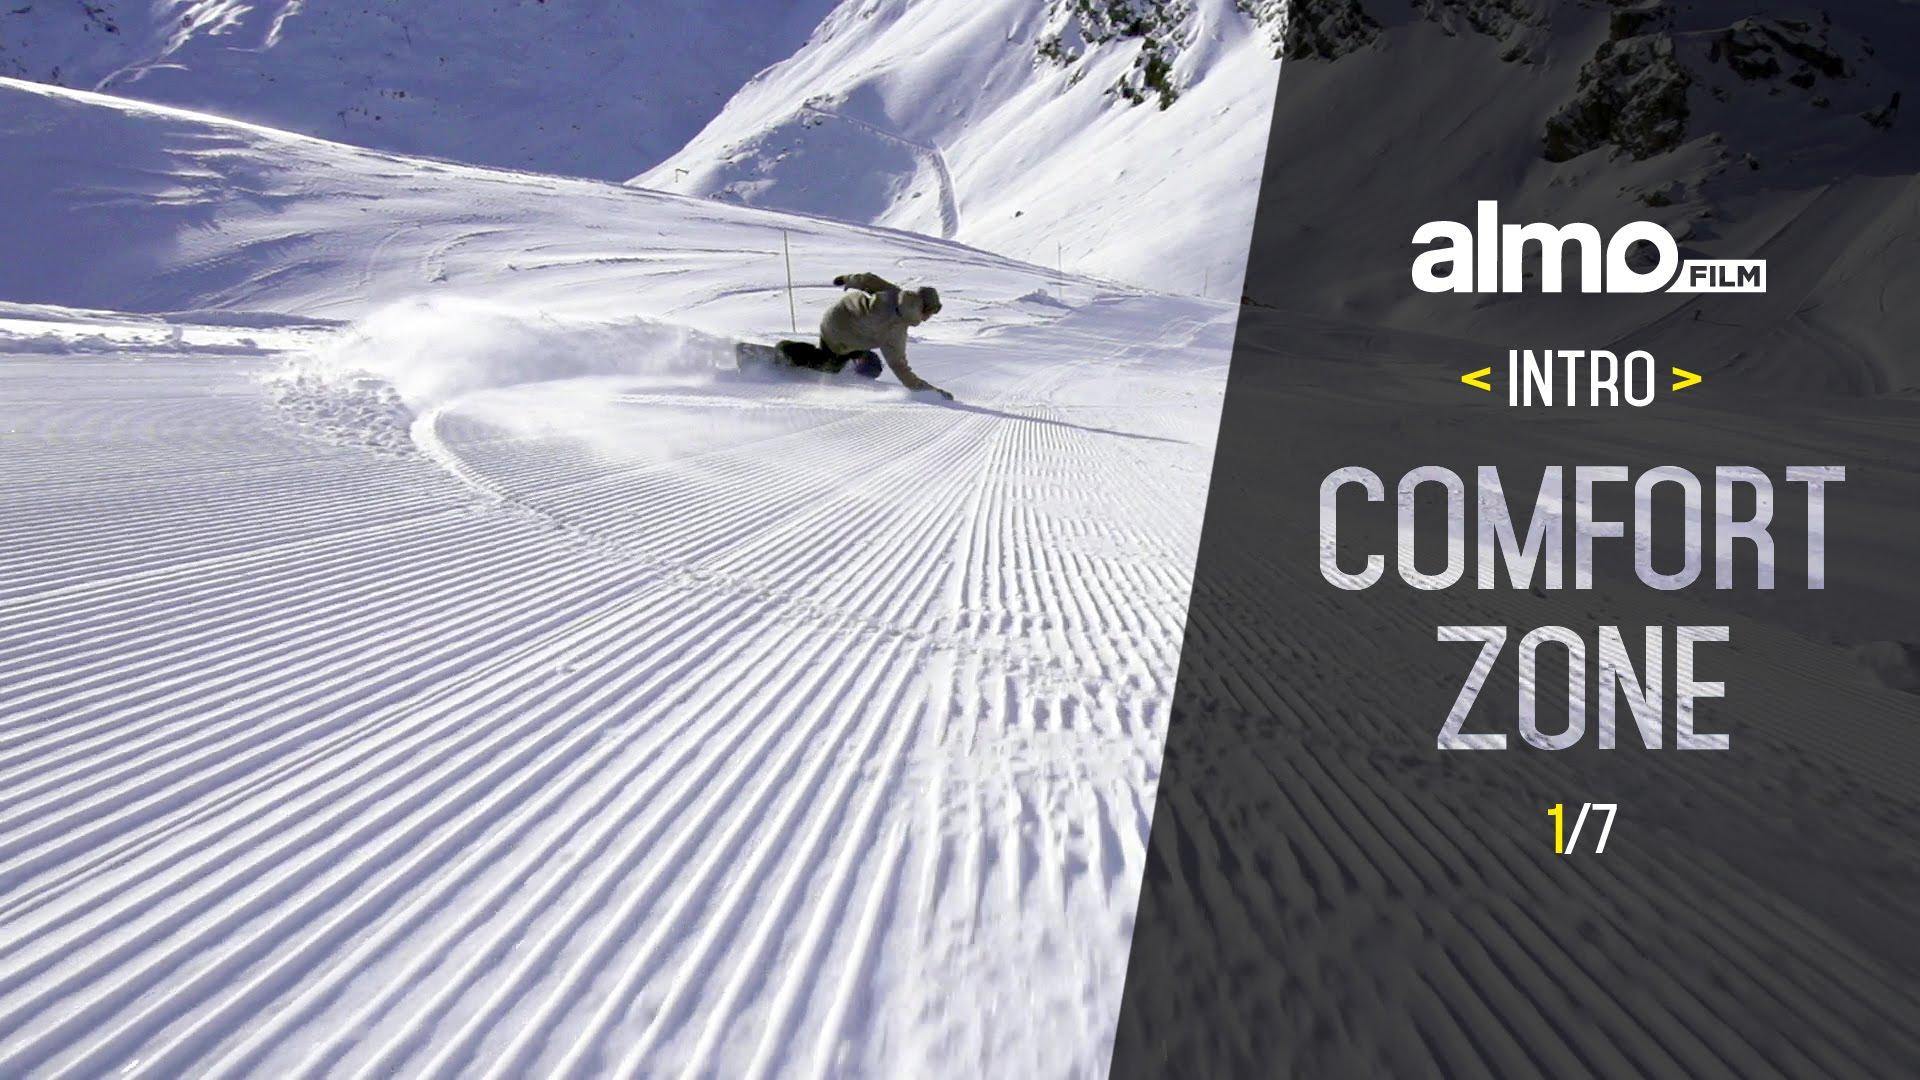 almo-intro-confort-zone